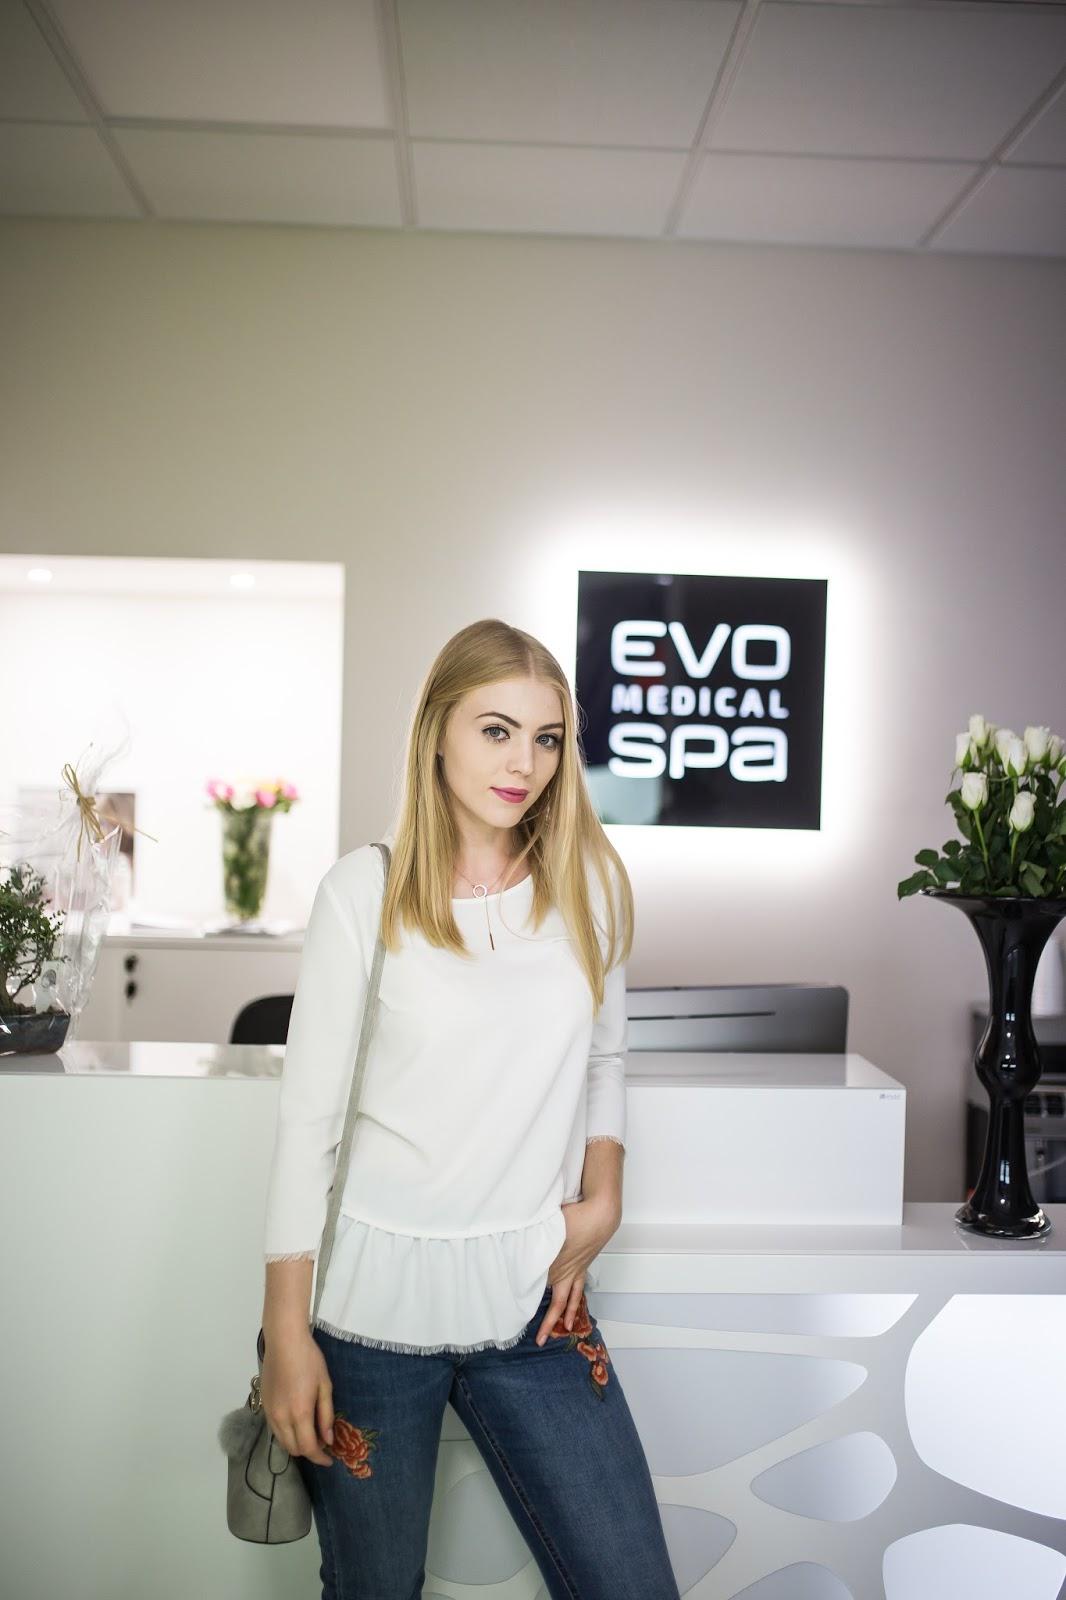 Uroczyste otwarcie Evo Medical Spa